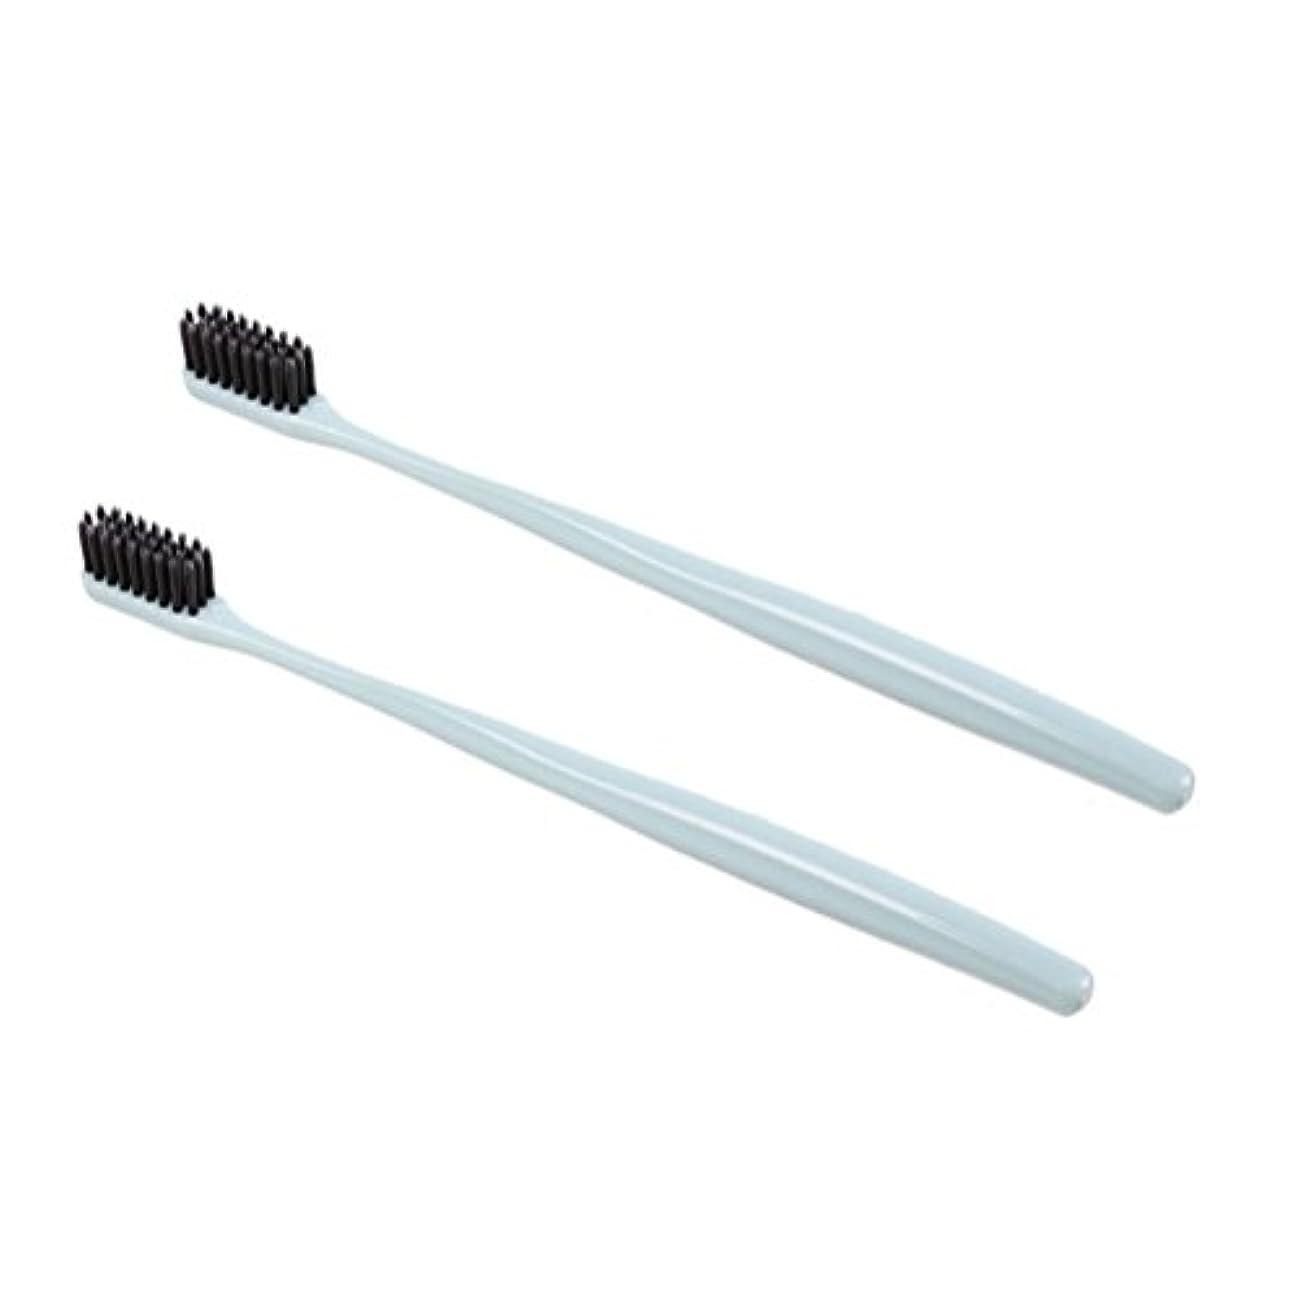 ラッカス正しいドルTOPBATHY 子供と大人のための2本の柔らかい歯ブラシ天然竹炭歯ブラシ小さなヘッド歯ブラシ(グリーン)